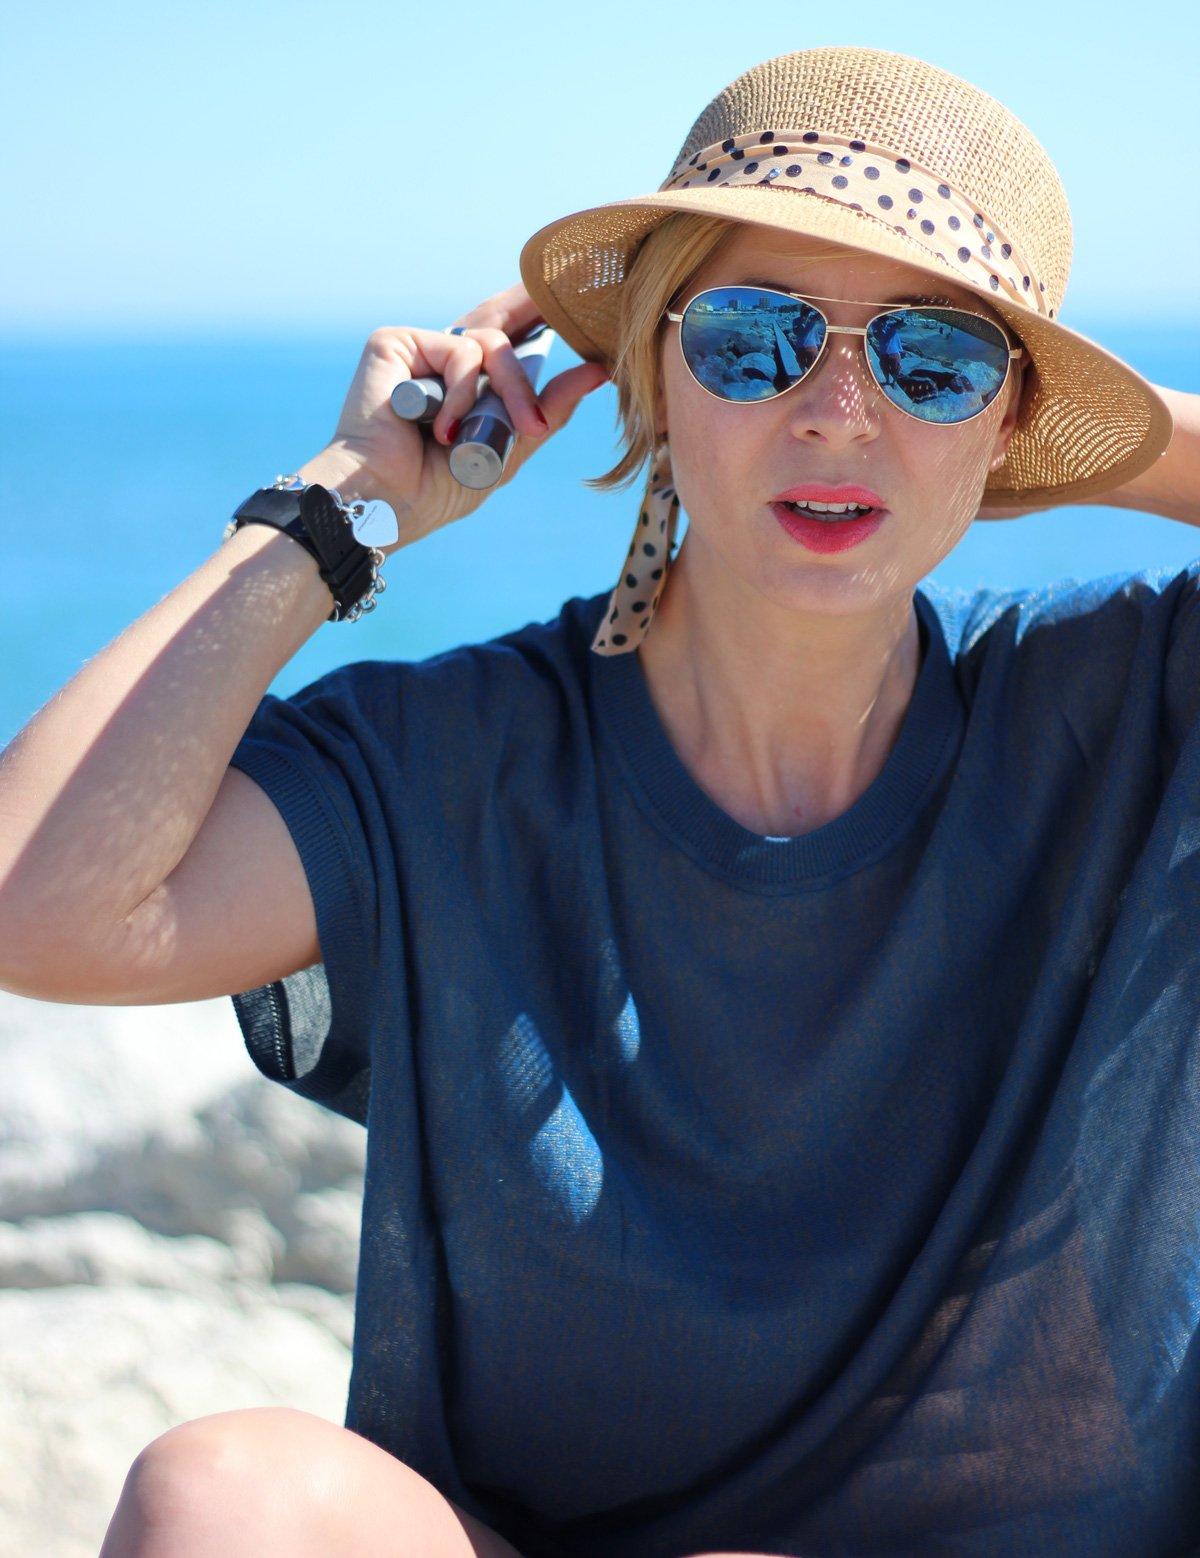 Sonnenschutz fürs Gesicht, Conny Doll, Sonnenhut, Blau, Meer